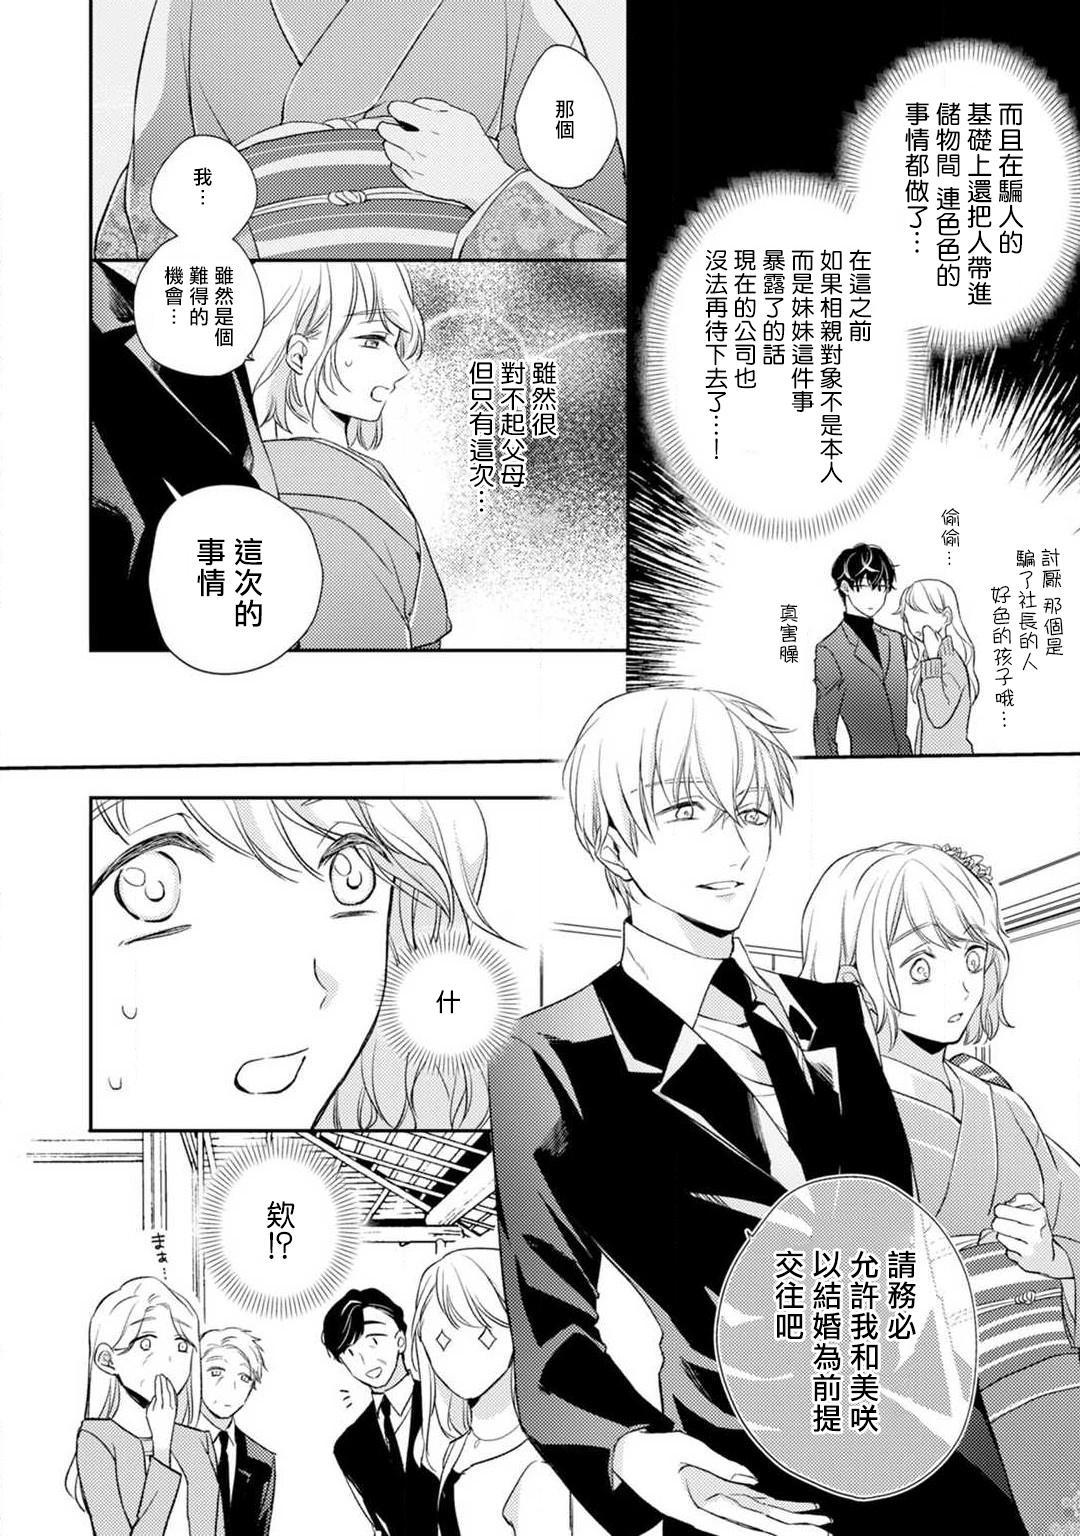 [Shichigatsu Motomi]  Sonna Kao shite, Sasotteru? ~Dekiai Shachou to Migawari Omiaikekkon!?~ 1-11  這種表情,在誘惑我嗎?~溺愛社長和替身相親結婚!? [Chinese] [拾荒者汉化组] 28